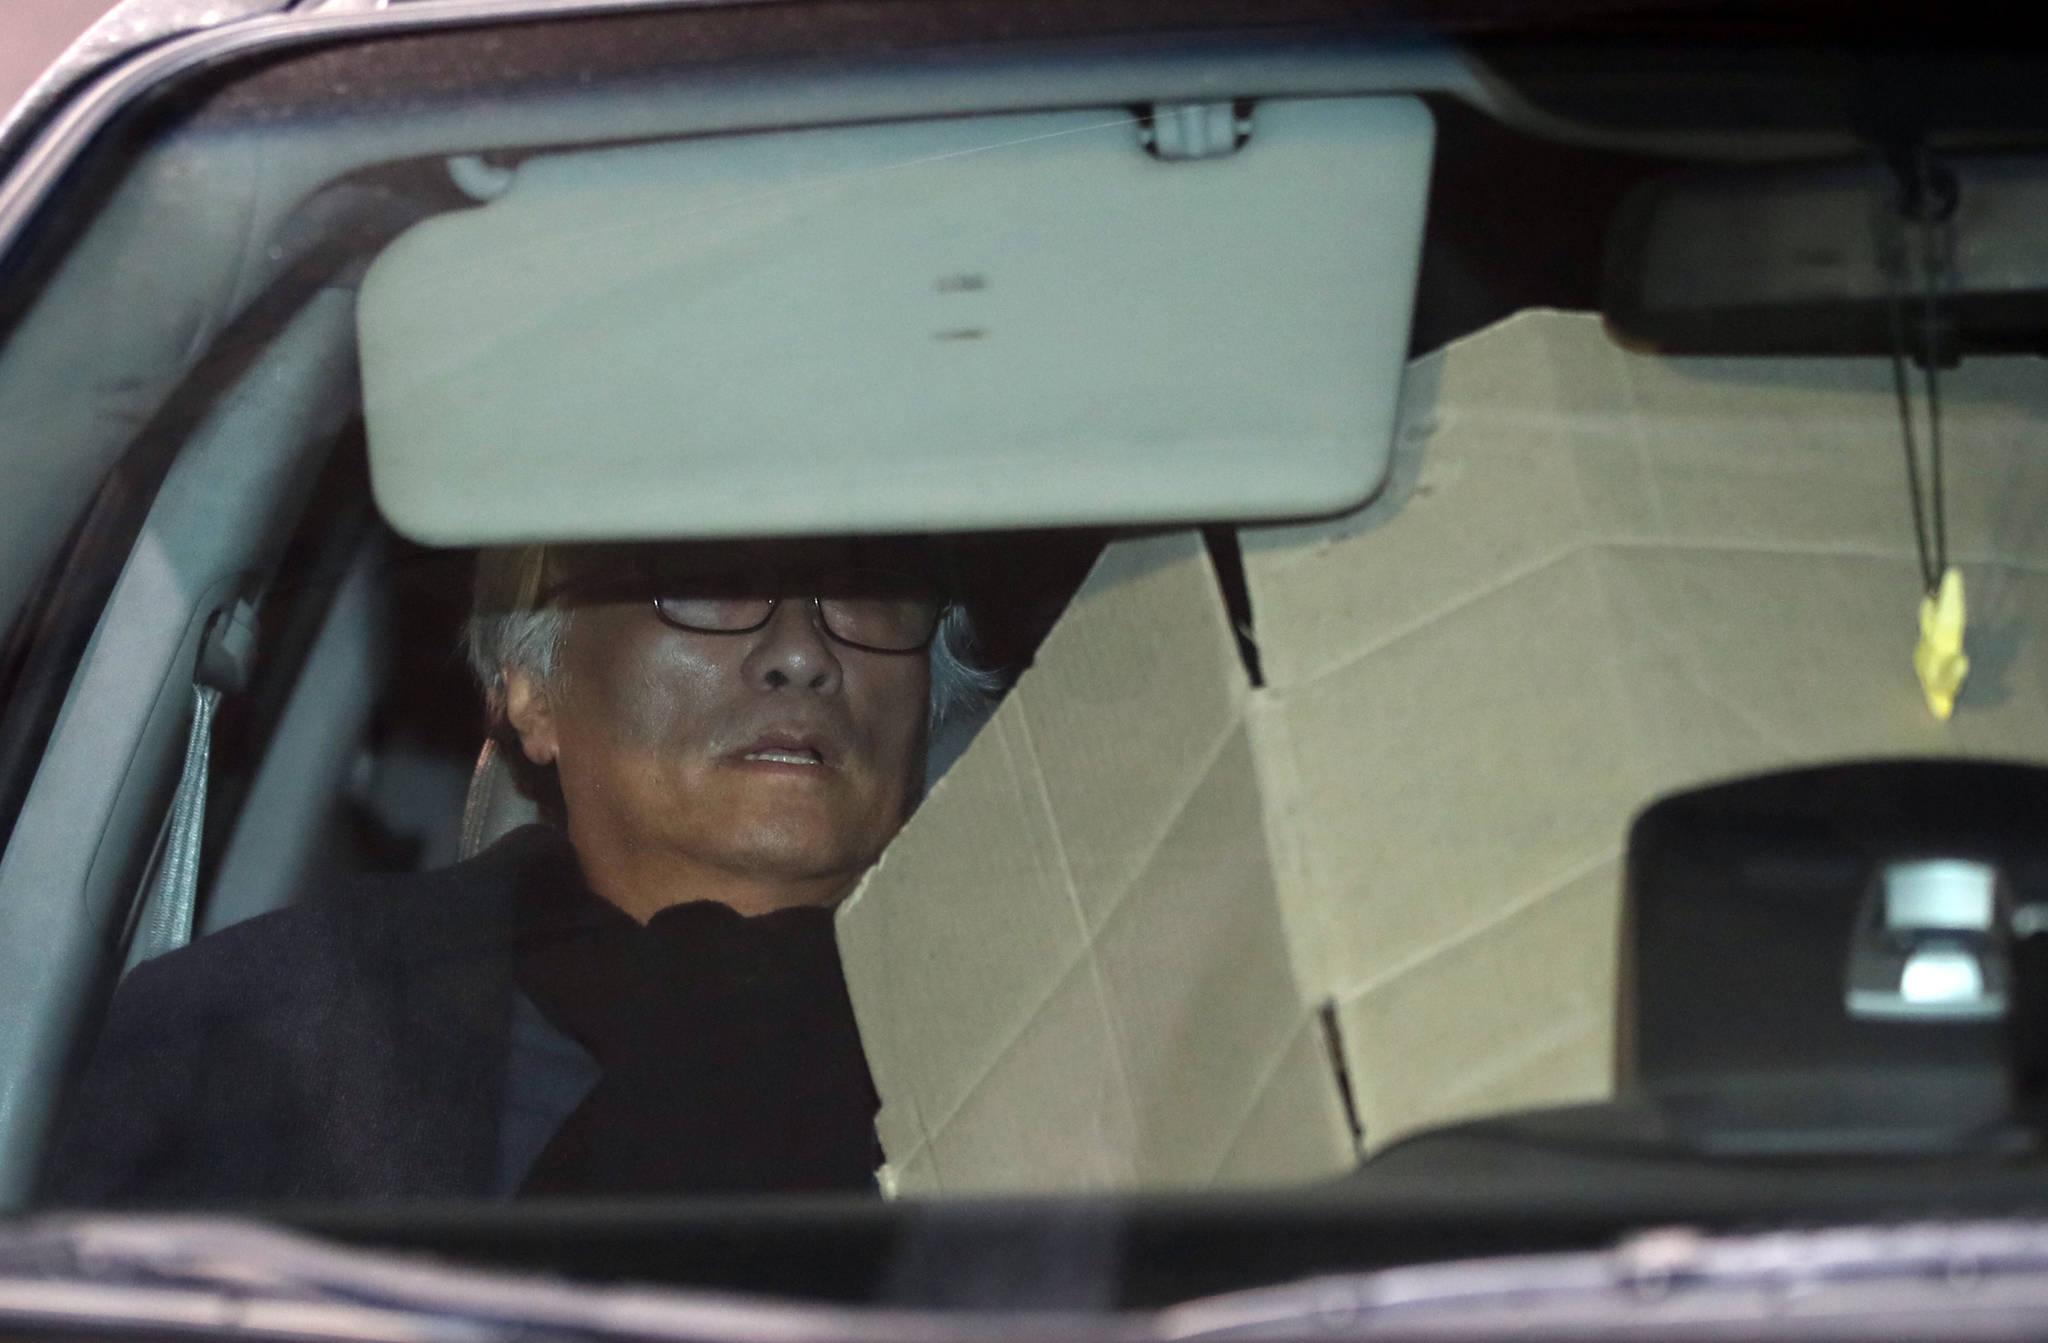 극단 단원에게 상습적으로 성폭력을 가한 의혹을 받는 연극연출가 이윤택씨가 18일 오전 서울 종로구 서울지방경찰청에서 조사를 받은 뒤 귀가하는 차에 올라 종이박스로 얼굴을 가리고 있다. [연합뉴스]